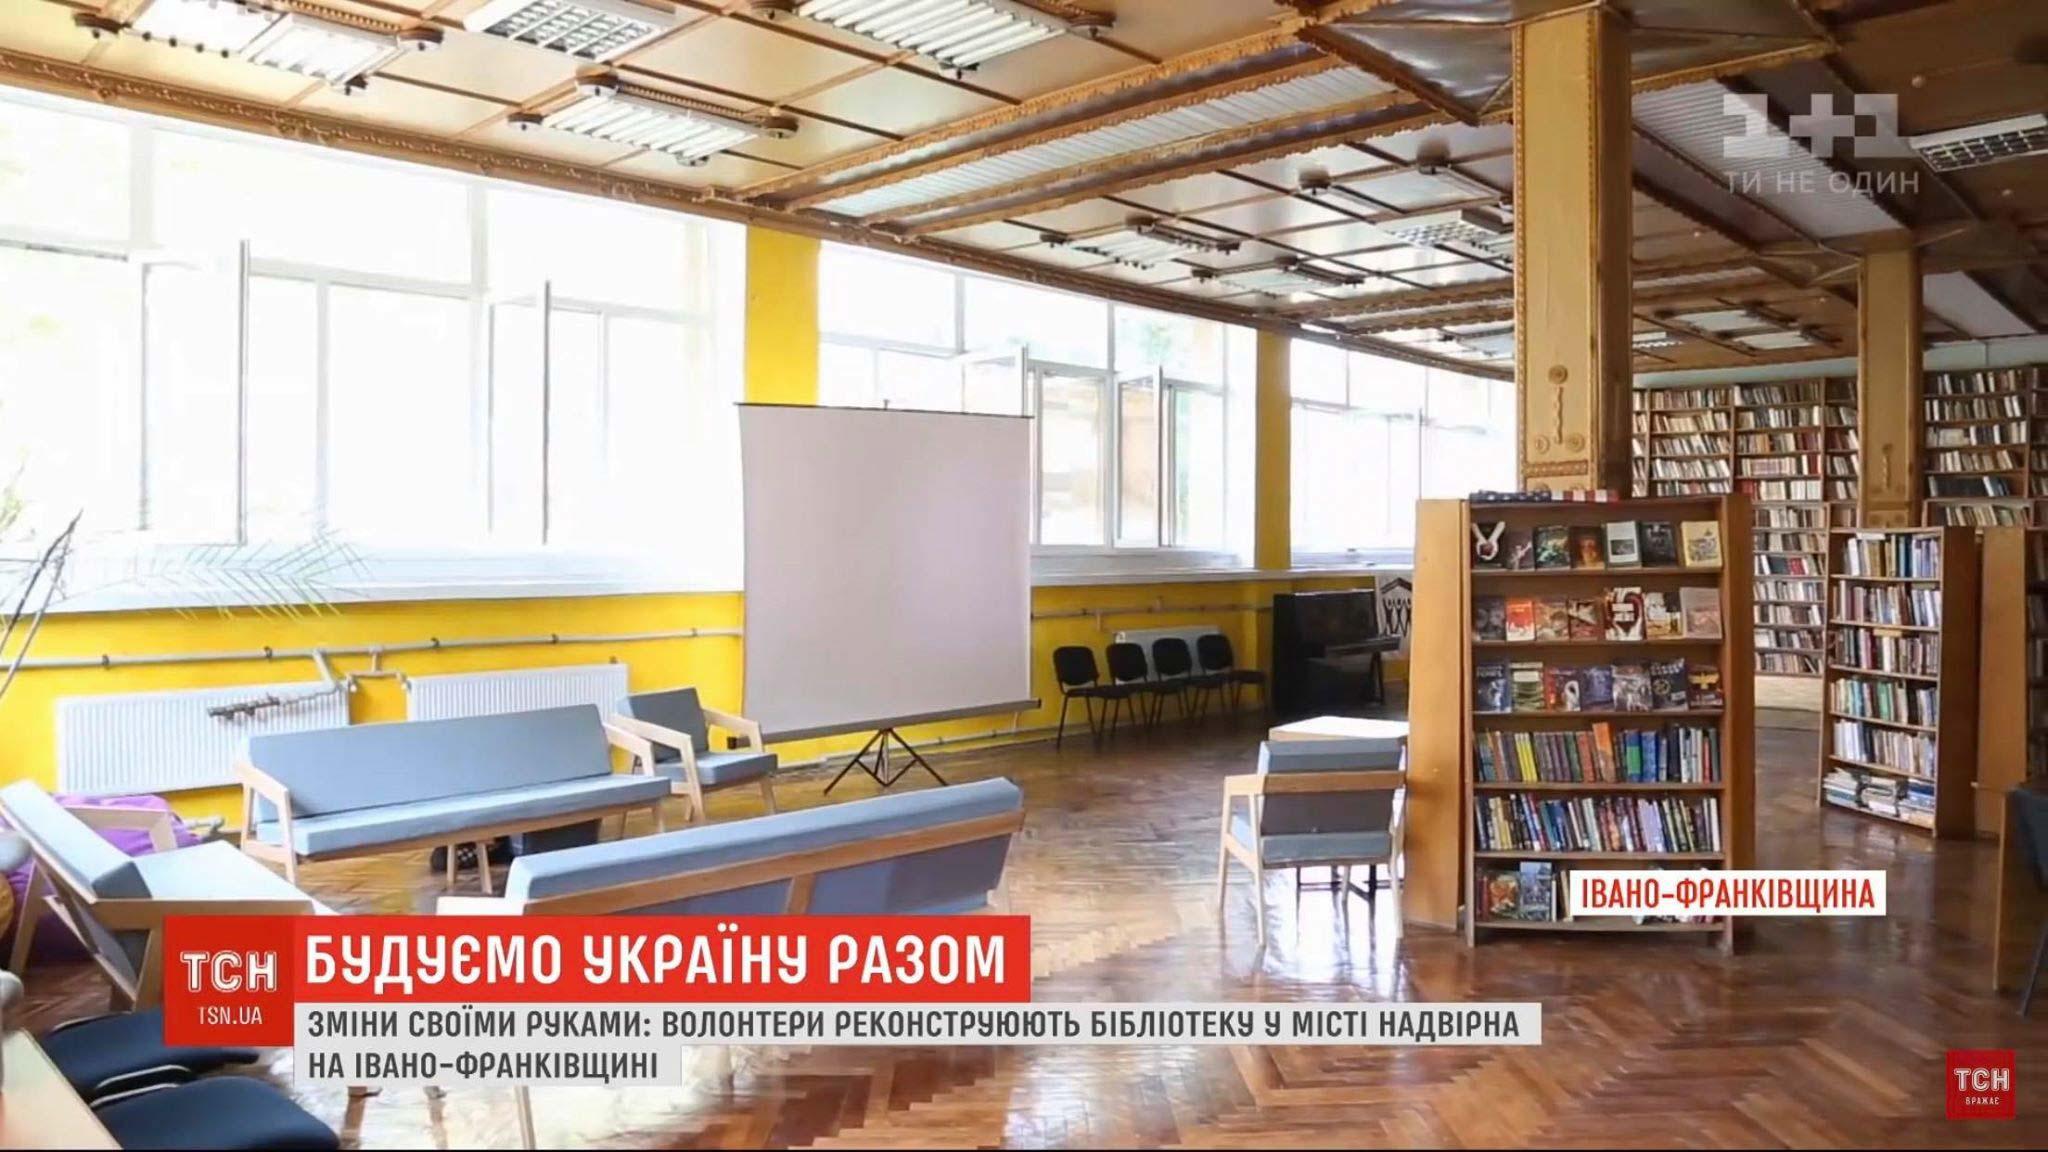 У Надвірній стару бібліотеку перетворили на сучасну лаунж-зону (відеосюжет)